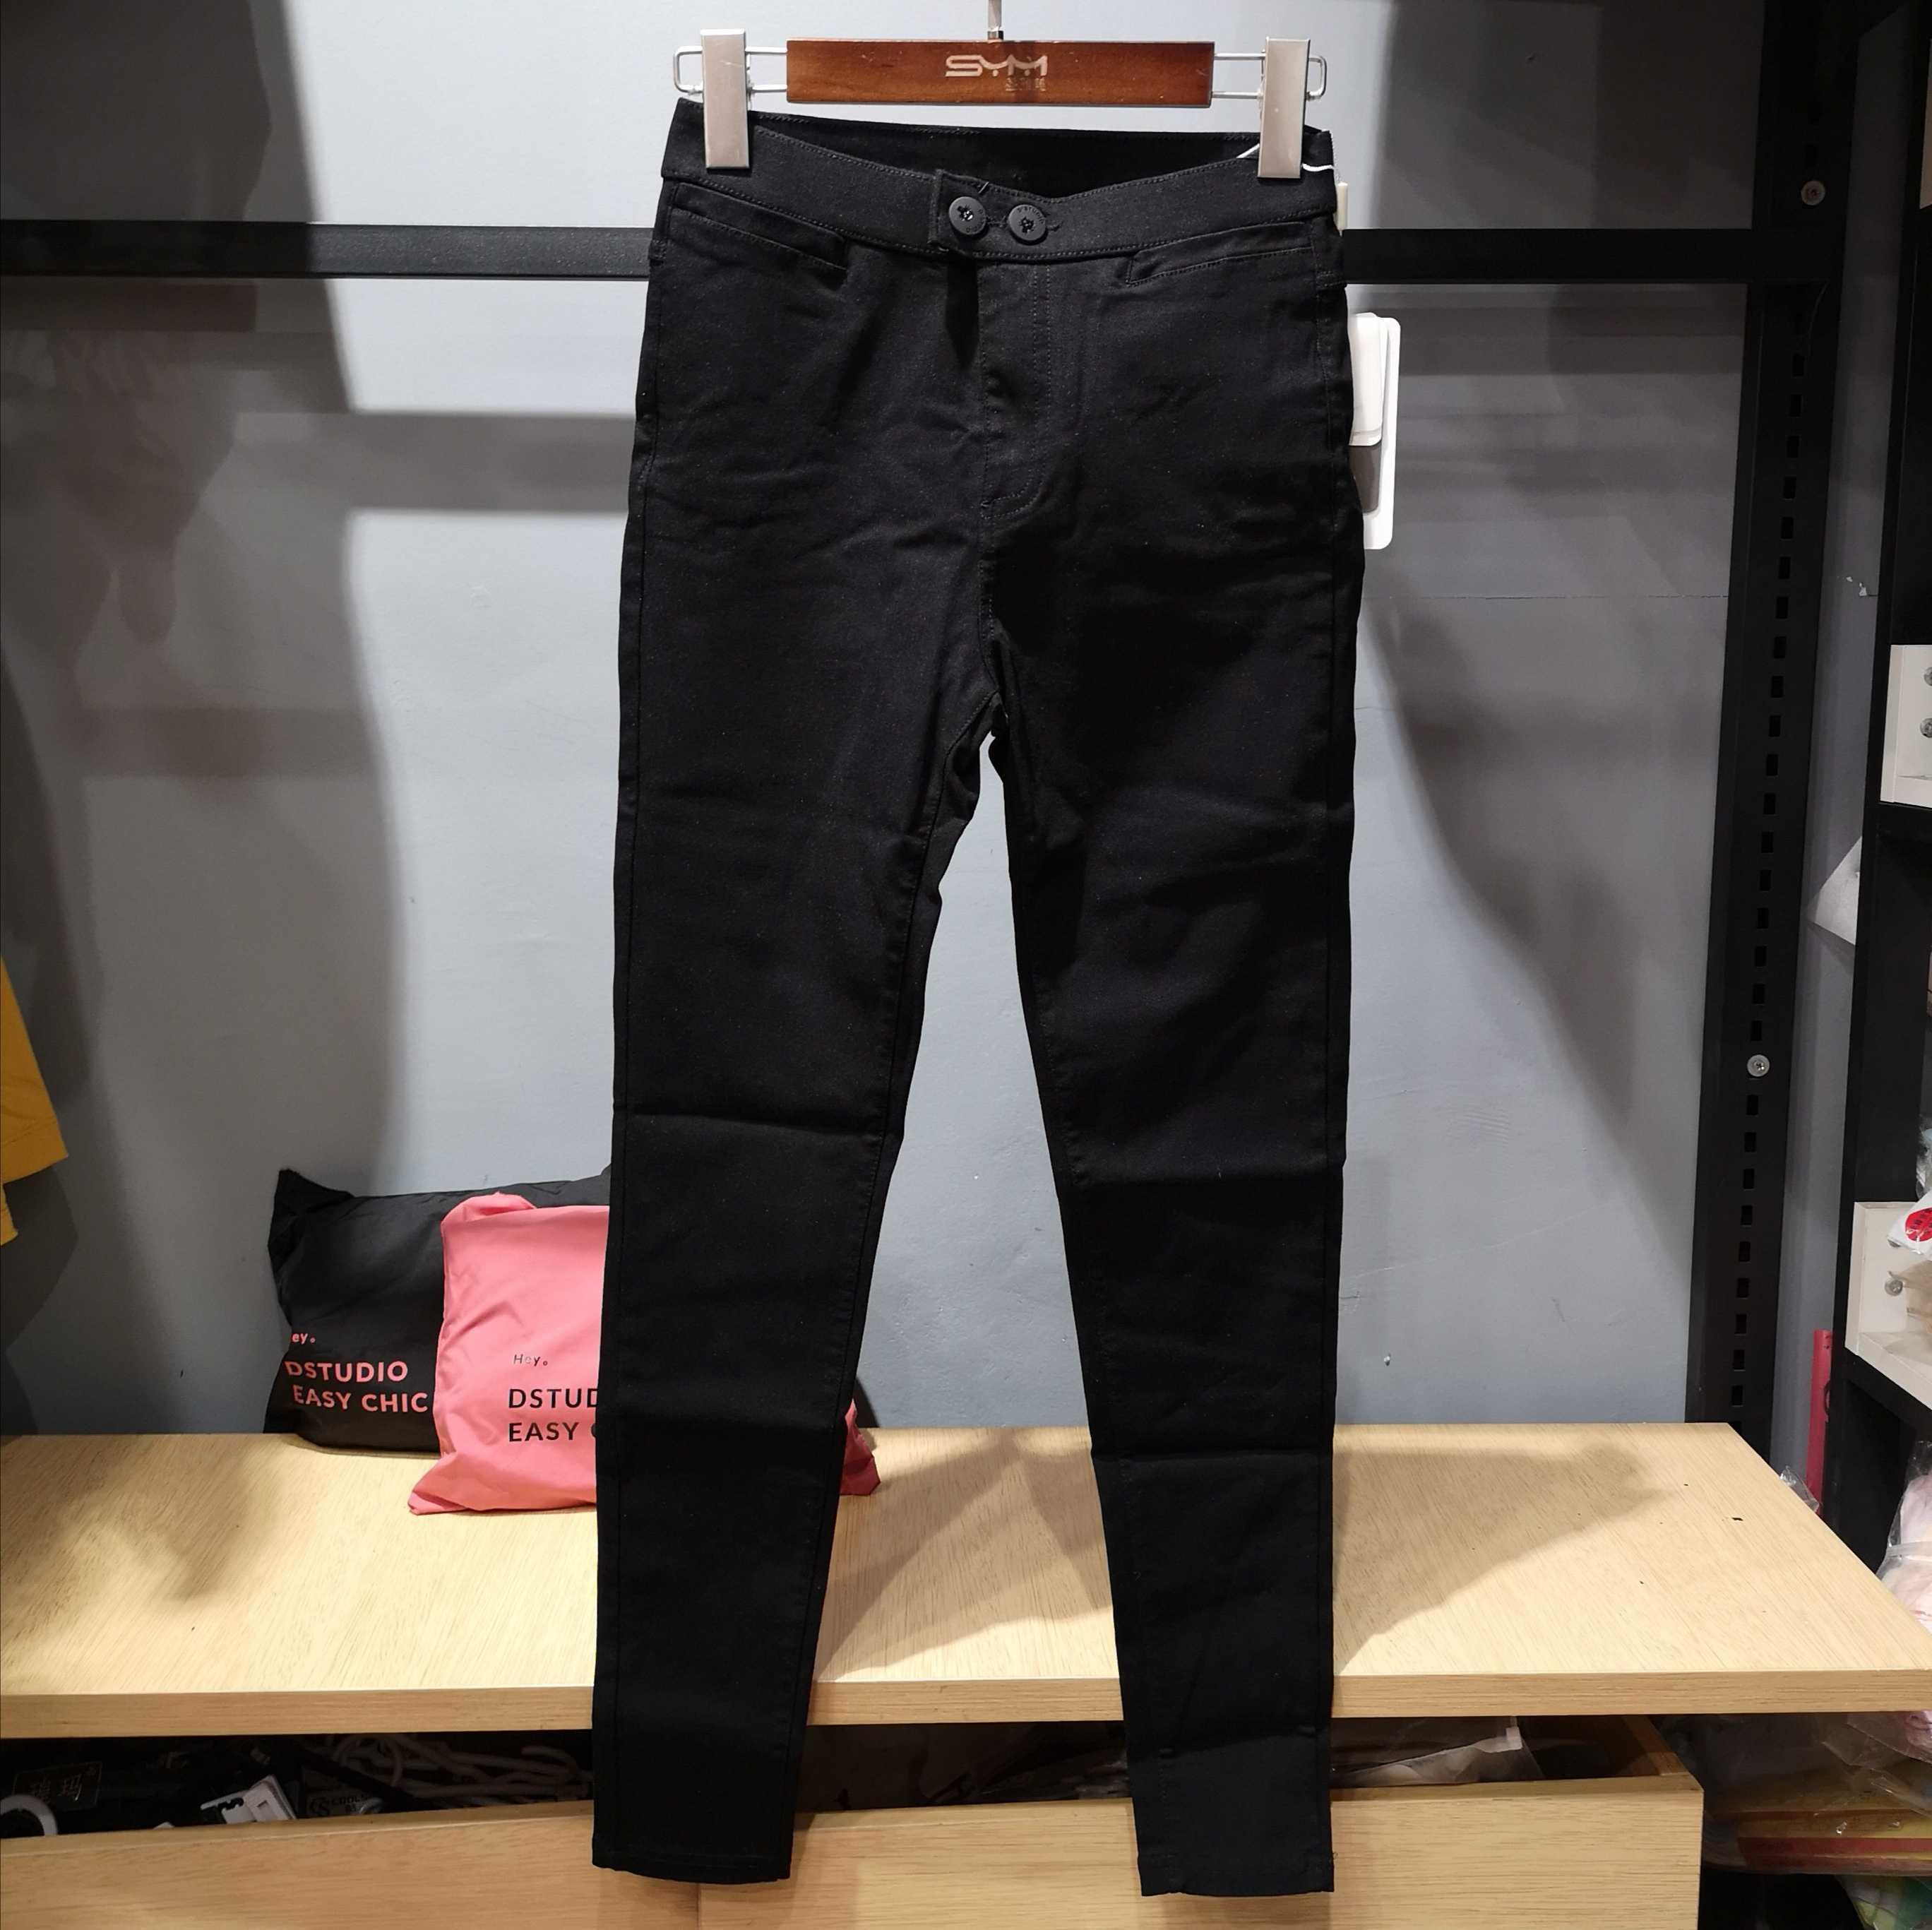 Dstudio小猫魔术裤8.0高腰紧身打底裤不加绒小脚裤正版小黑裤春女